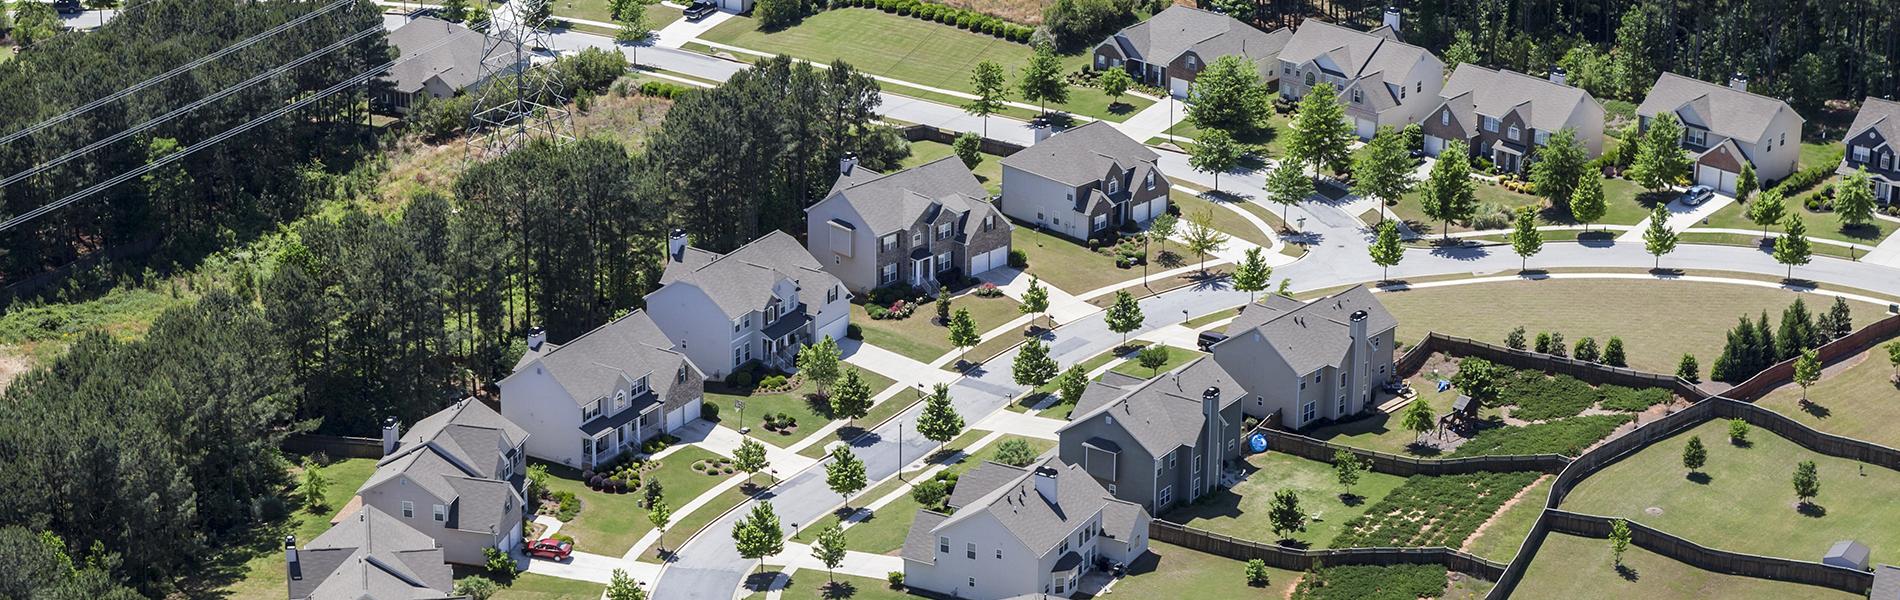 Real Estate Transactions & Litigation